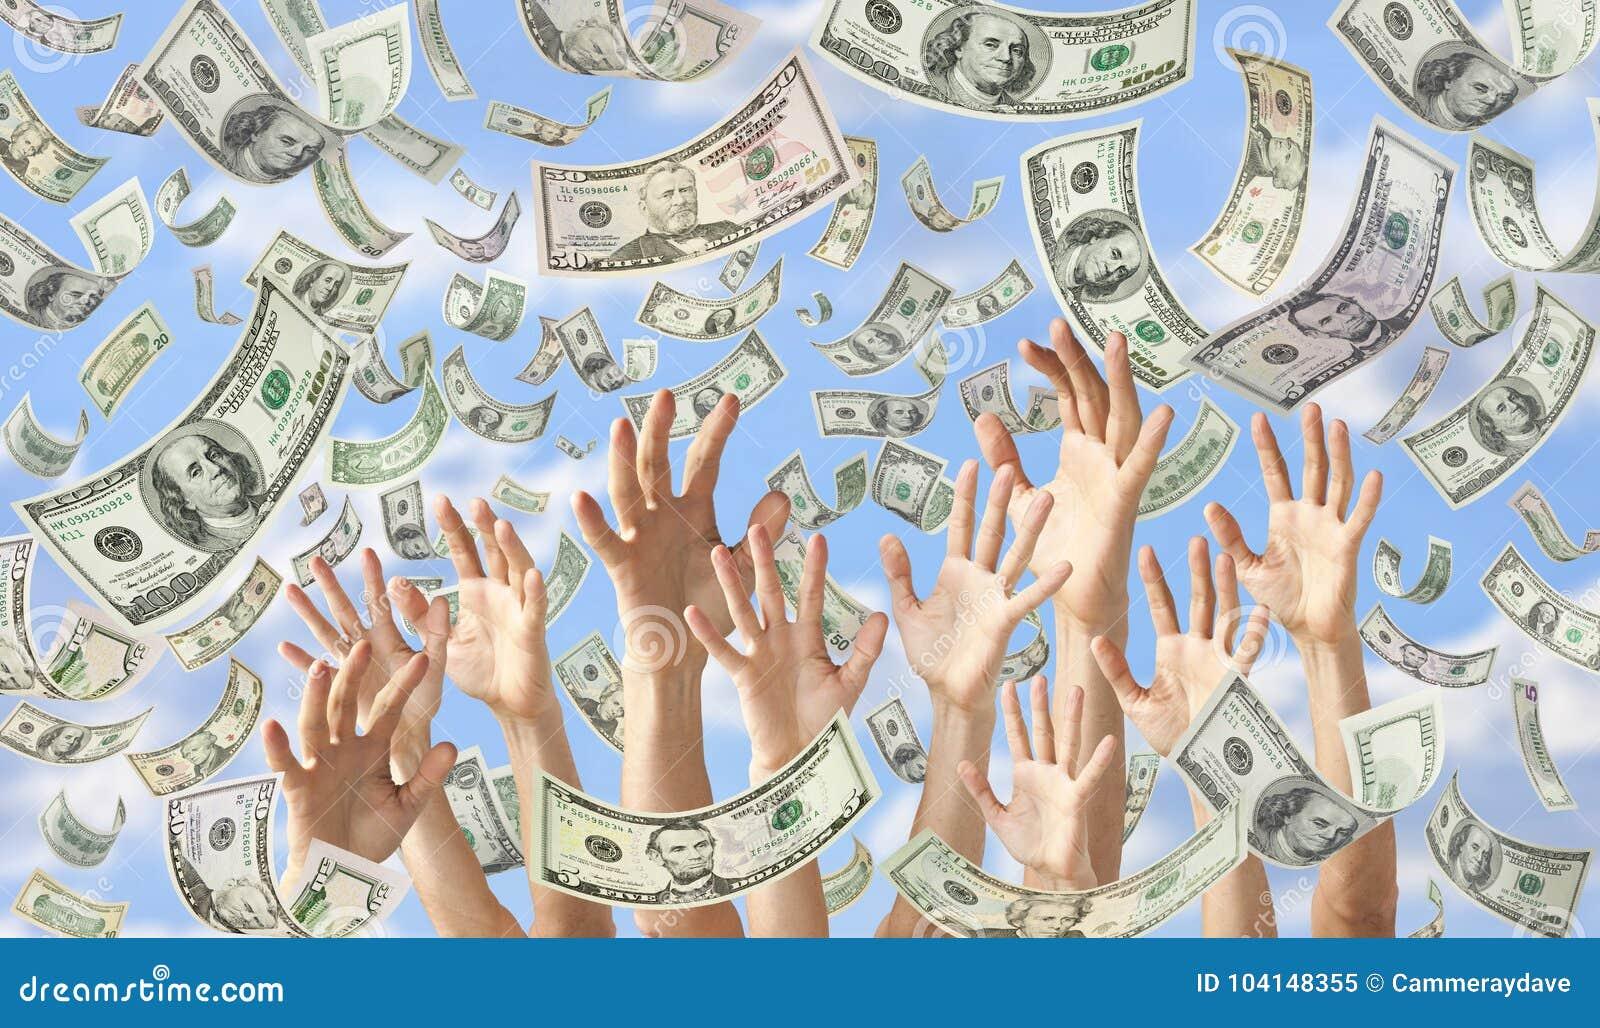 Fallande pengar räcker dollarbanerbakgrund